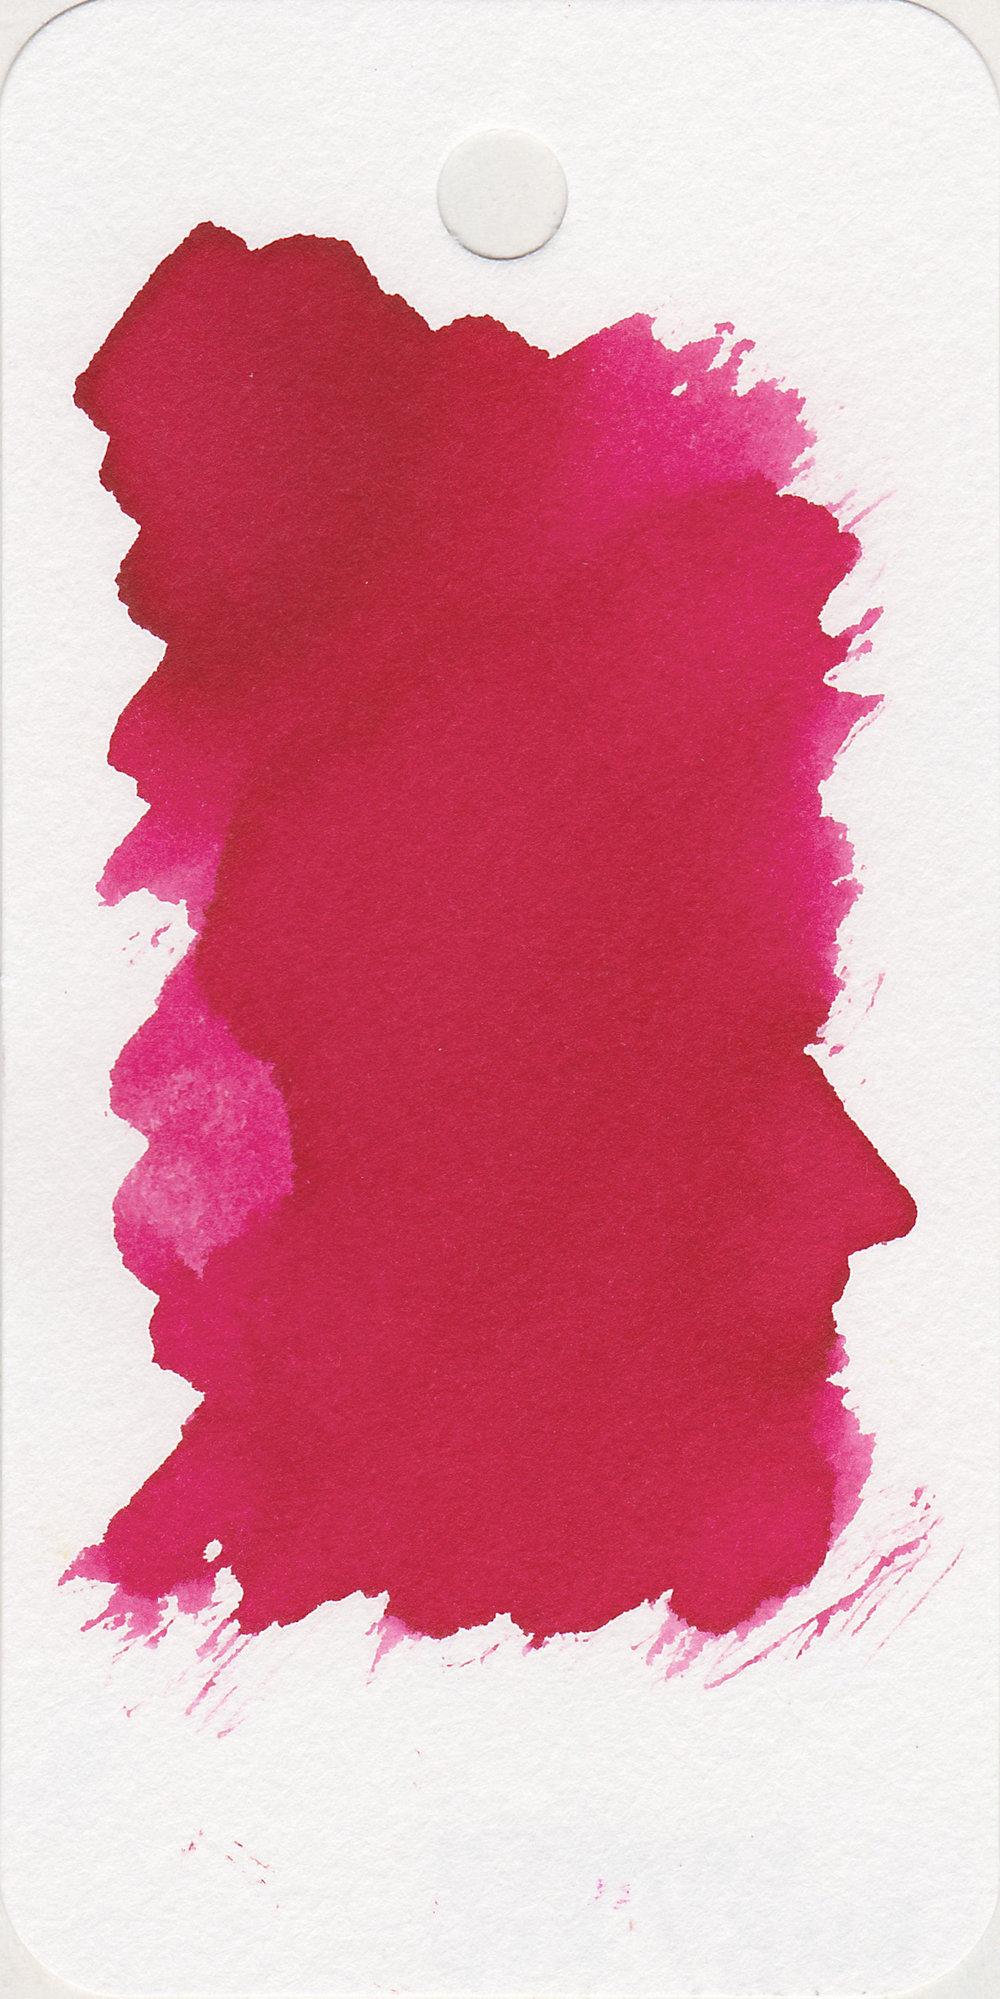 cda-divine-pink-3.jpg